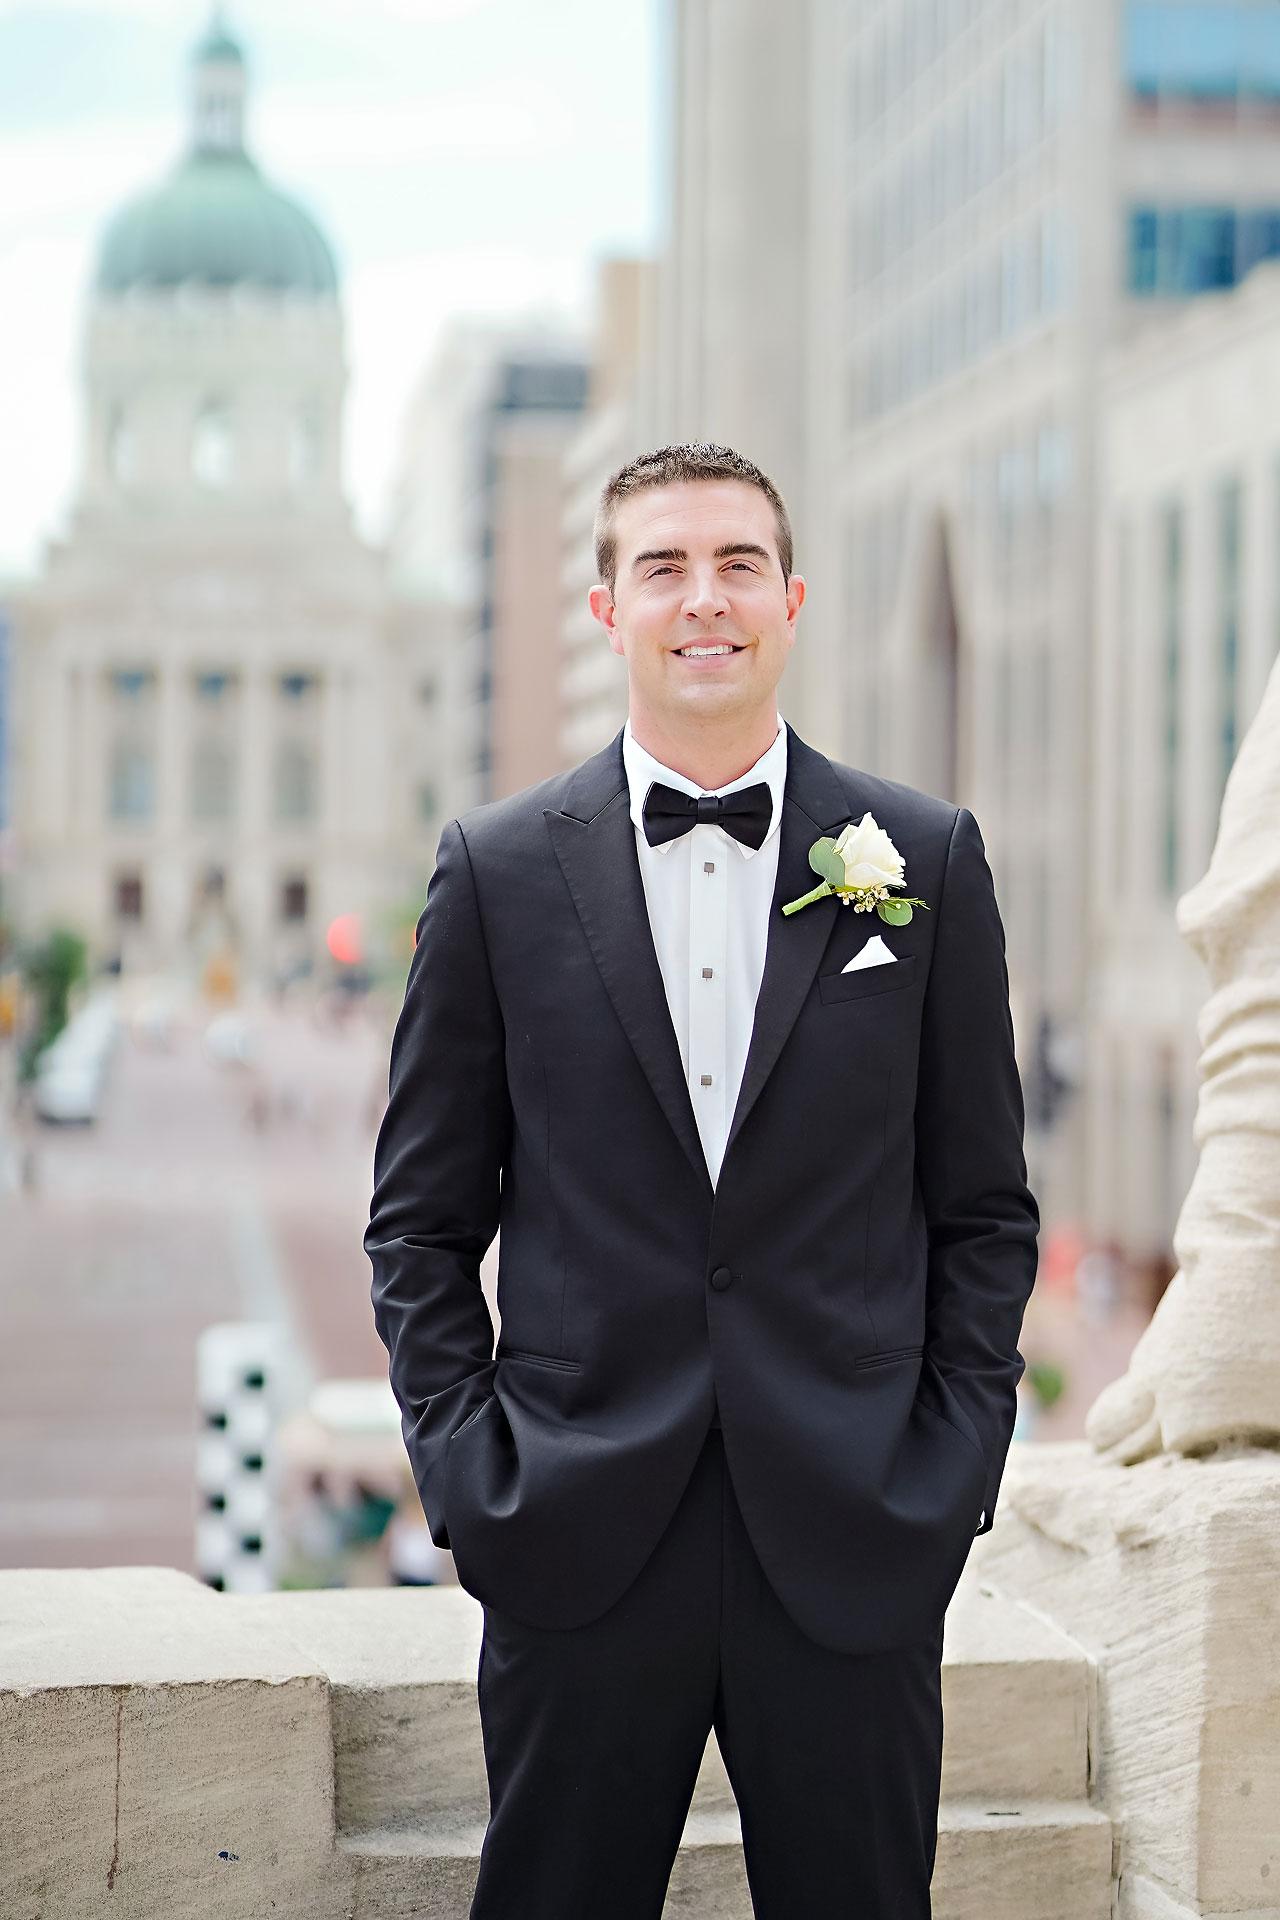 Liz Zach Conrad Artsgarden Indianapolis Wedding 088